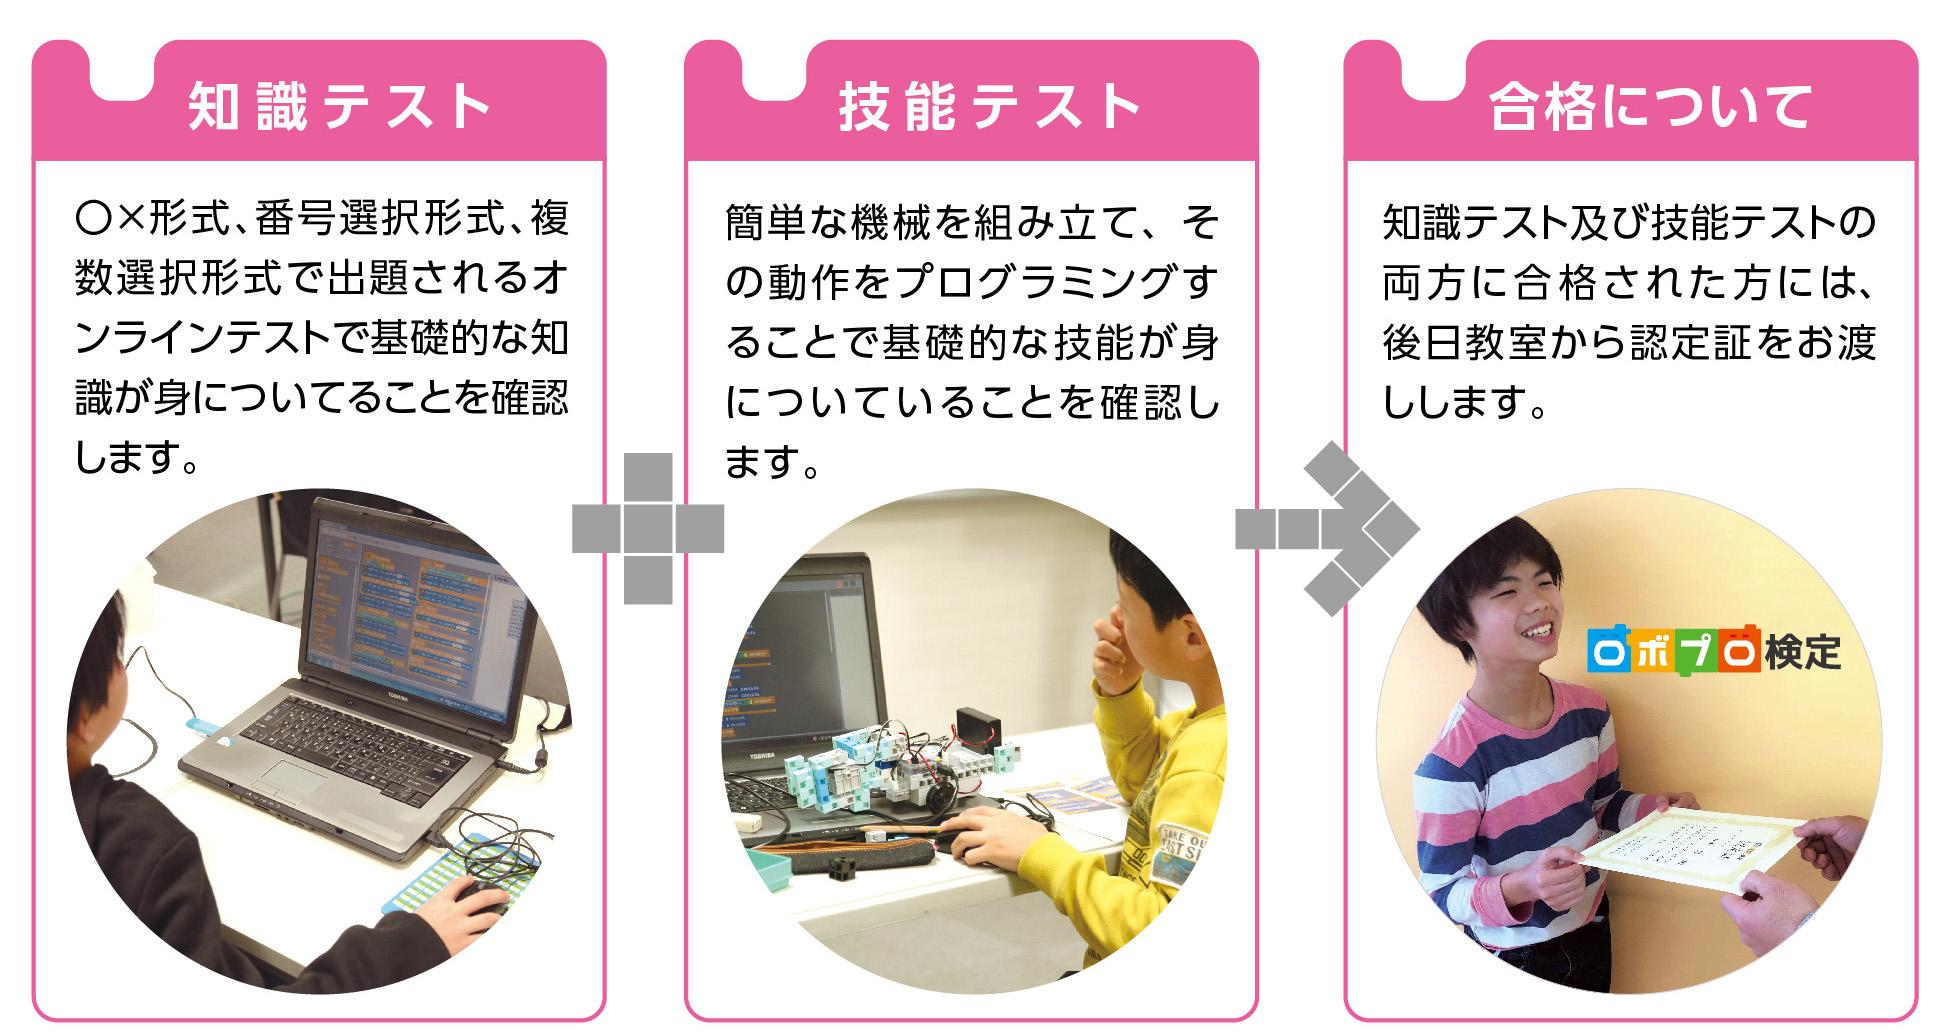 プログラミング教材のアーテック 「ロボプロ検定」ってなんだろう?2